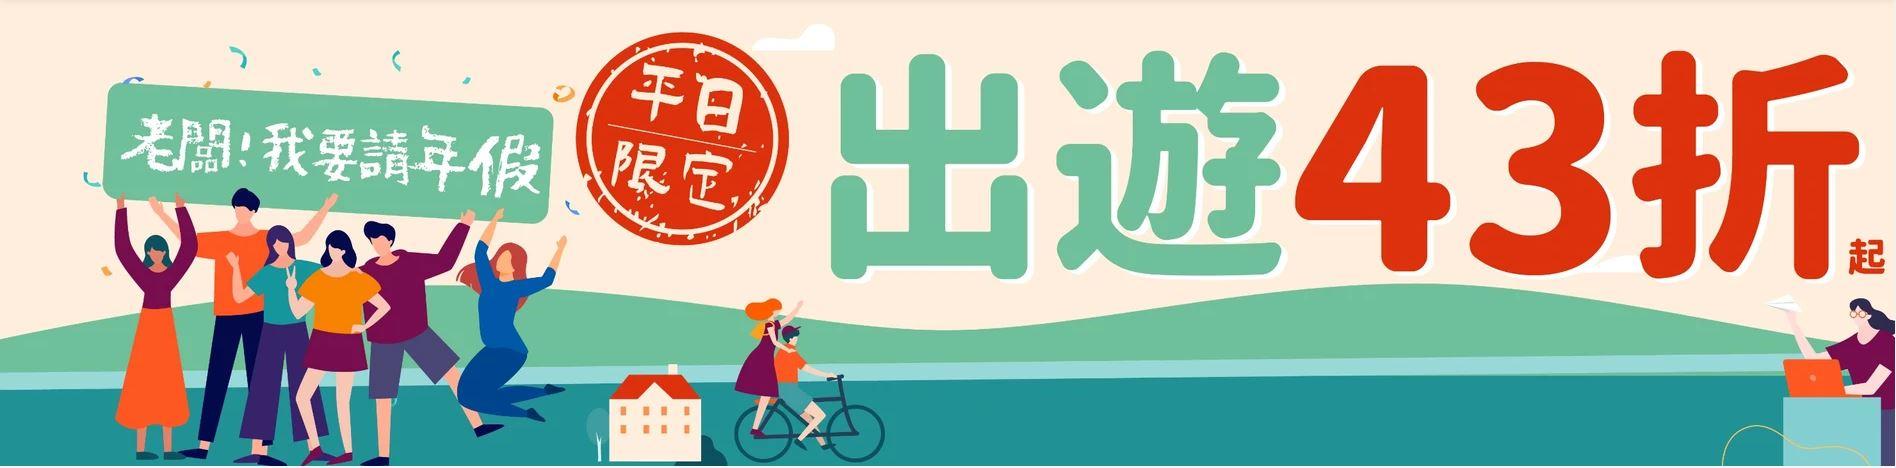 【國慶煙火2020】雙十節就到台南漁光島看煙火:交管、接駁、景點攻略! - threeonelee.com